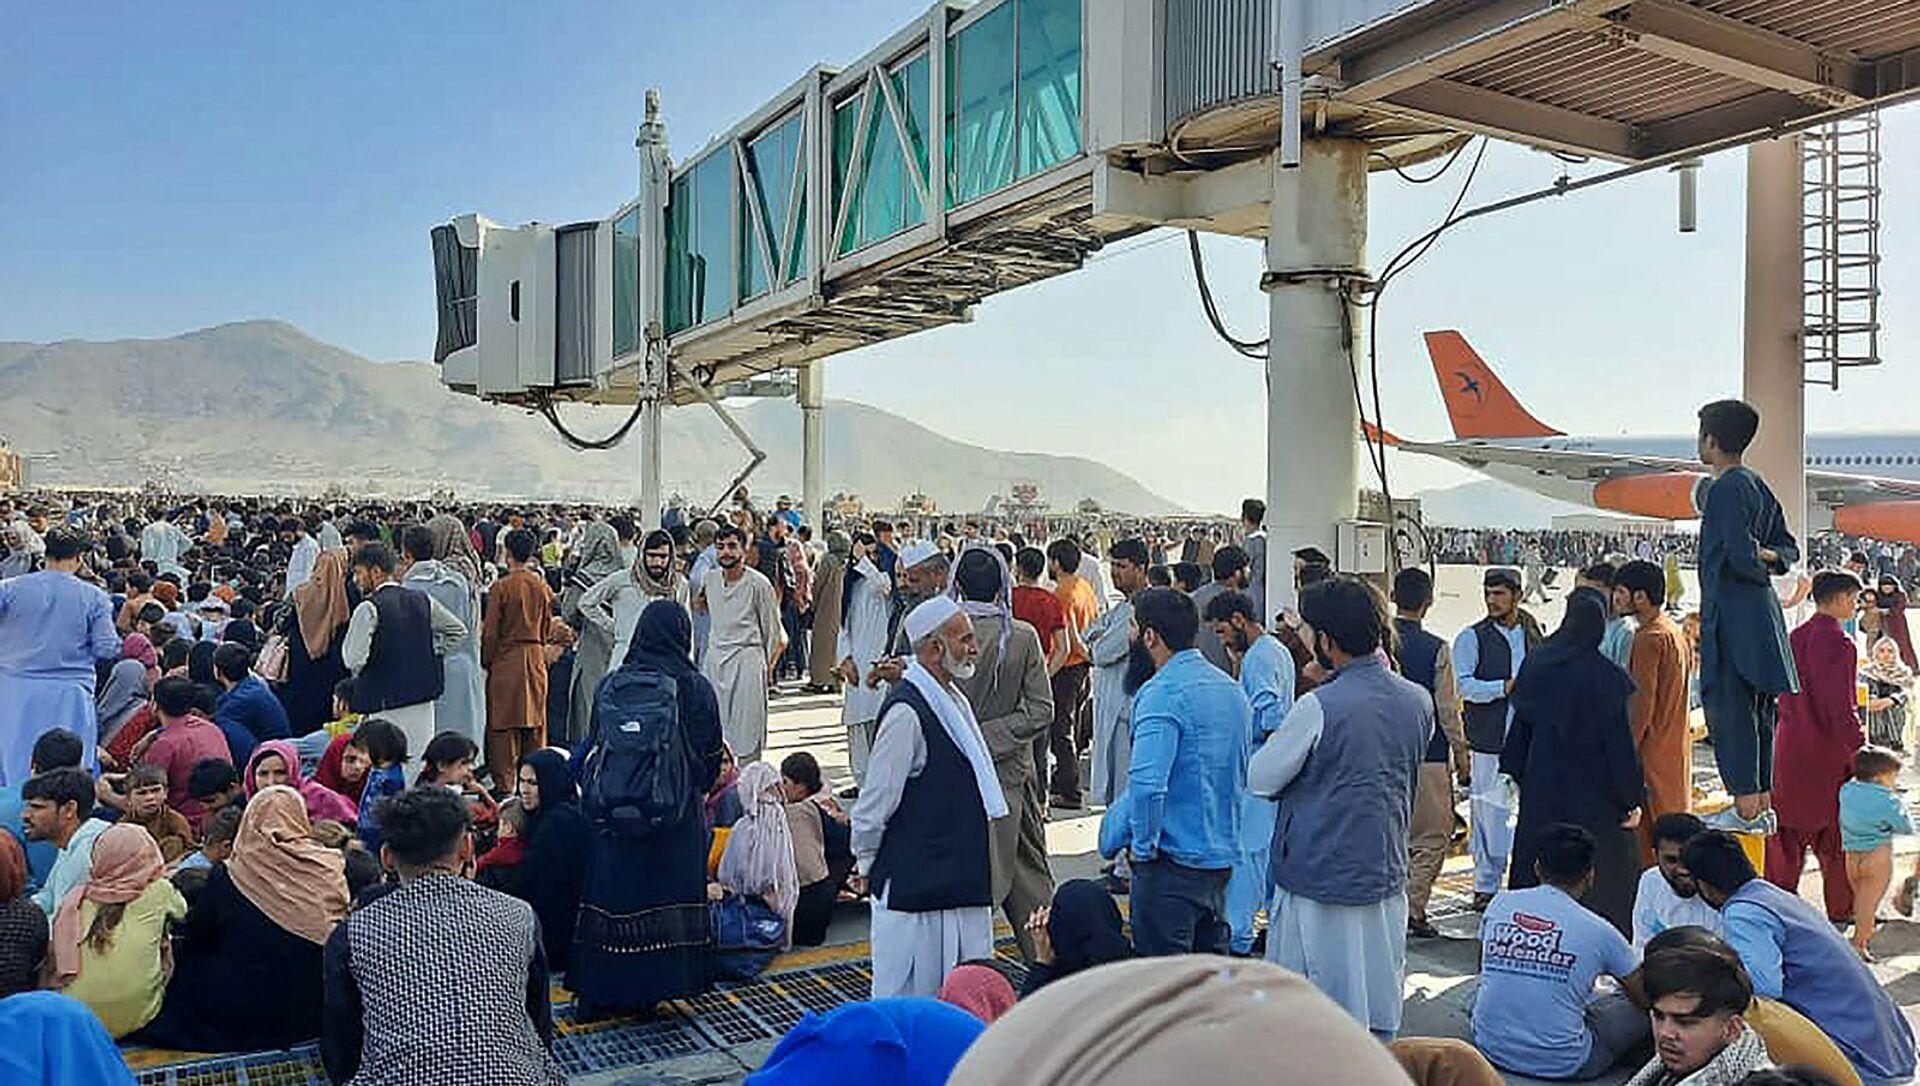 Афганцы толпятся на летном поле кабульского аэропорта, чтобы бежать из страны (16 августа 2021). Афганистан - Sputnik Արմենիա, 1920, 16.08.2021